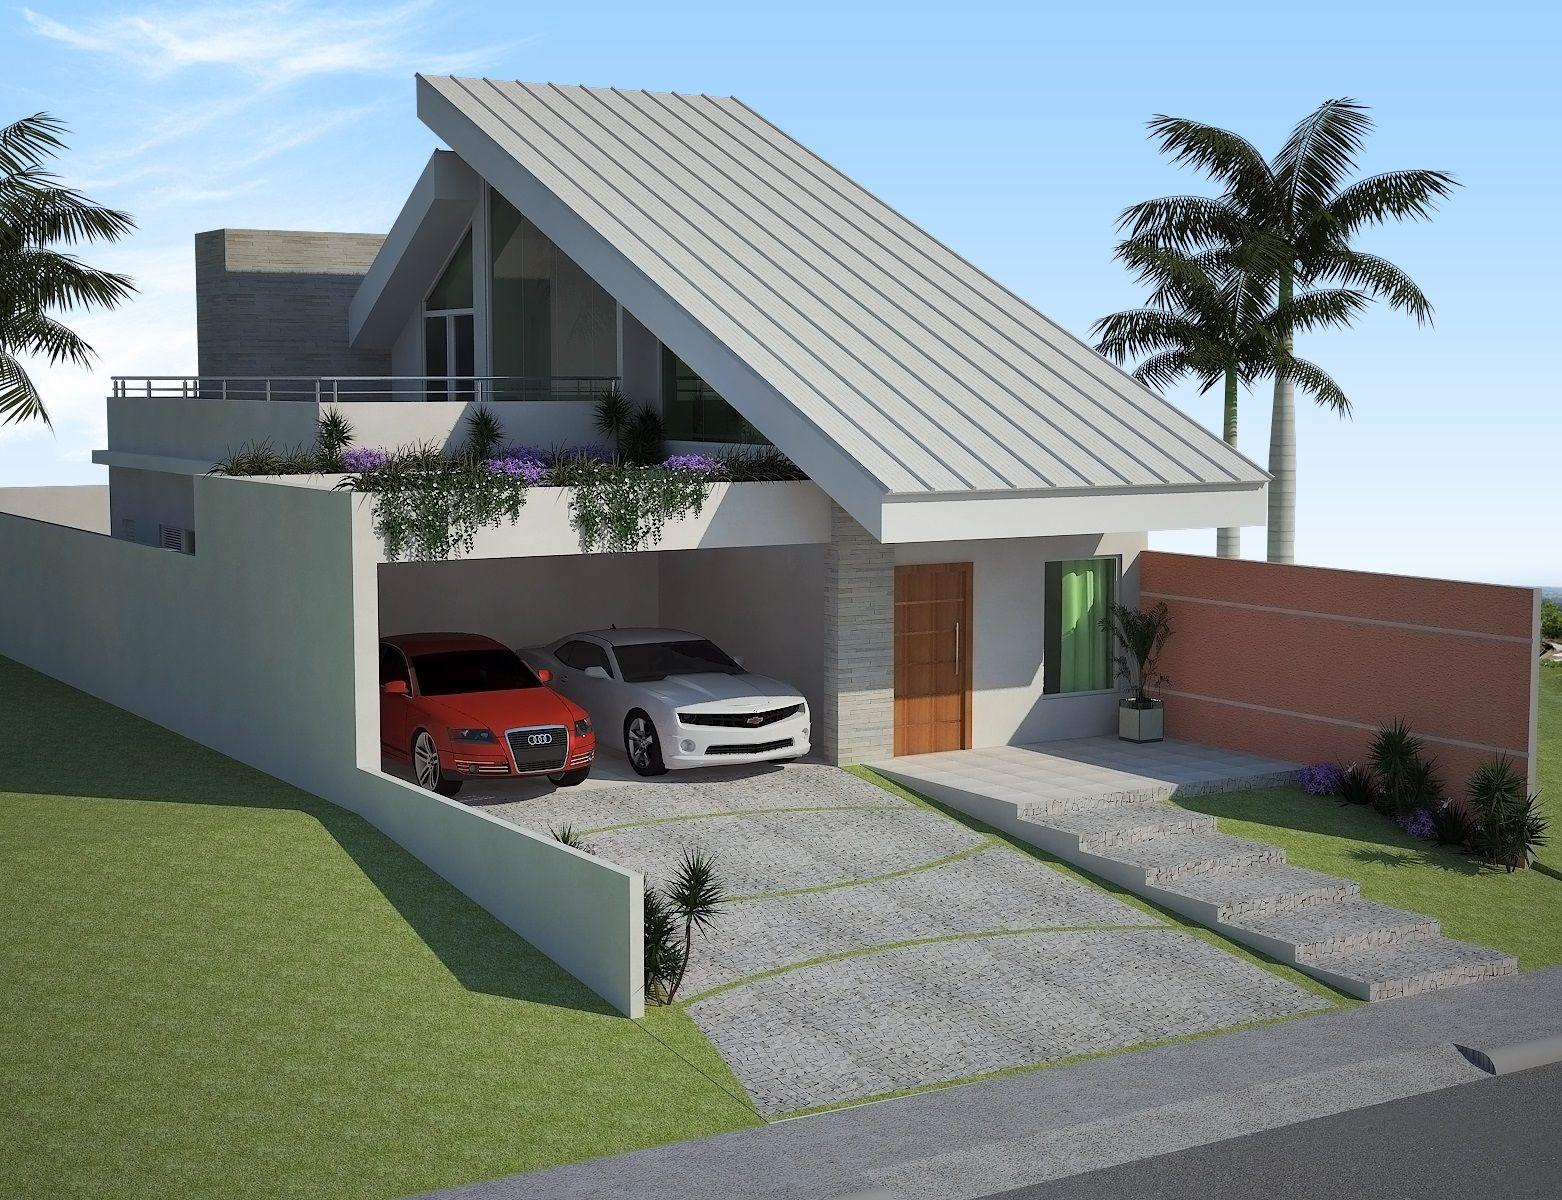 Projetos de casas com mezanino gratis